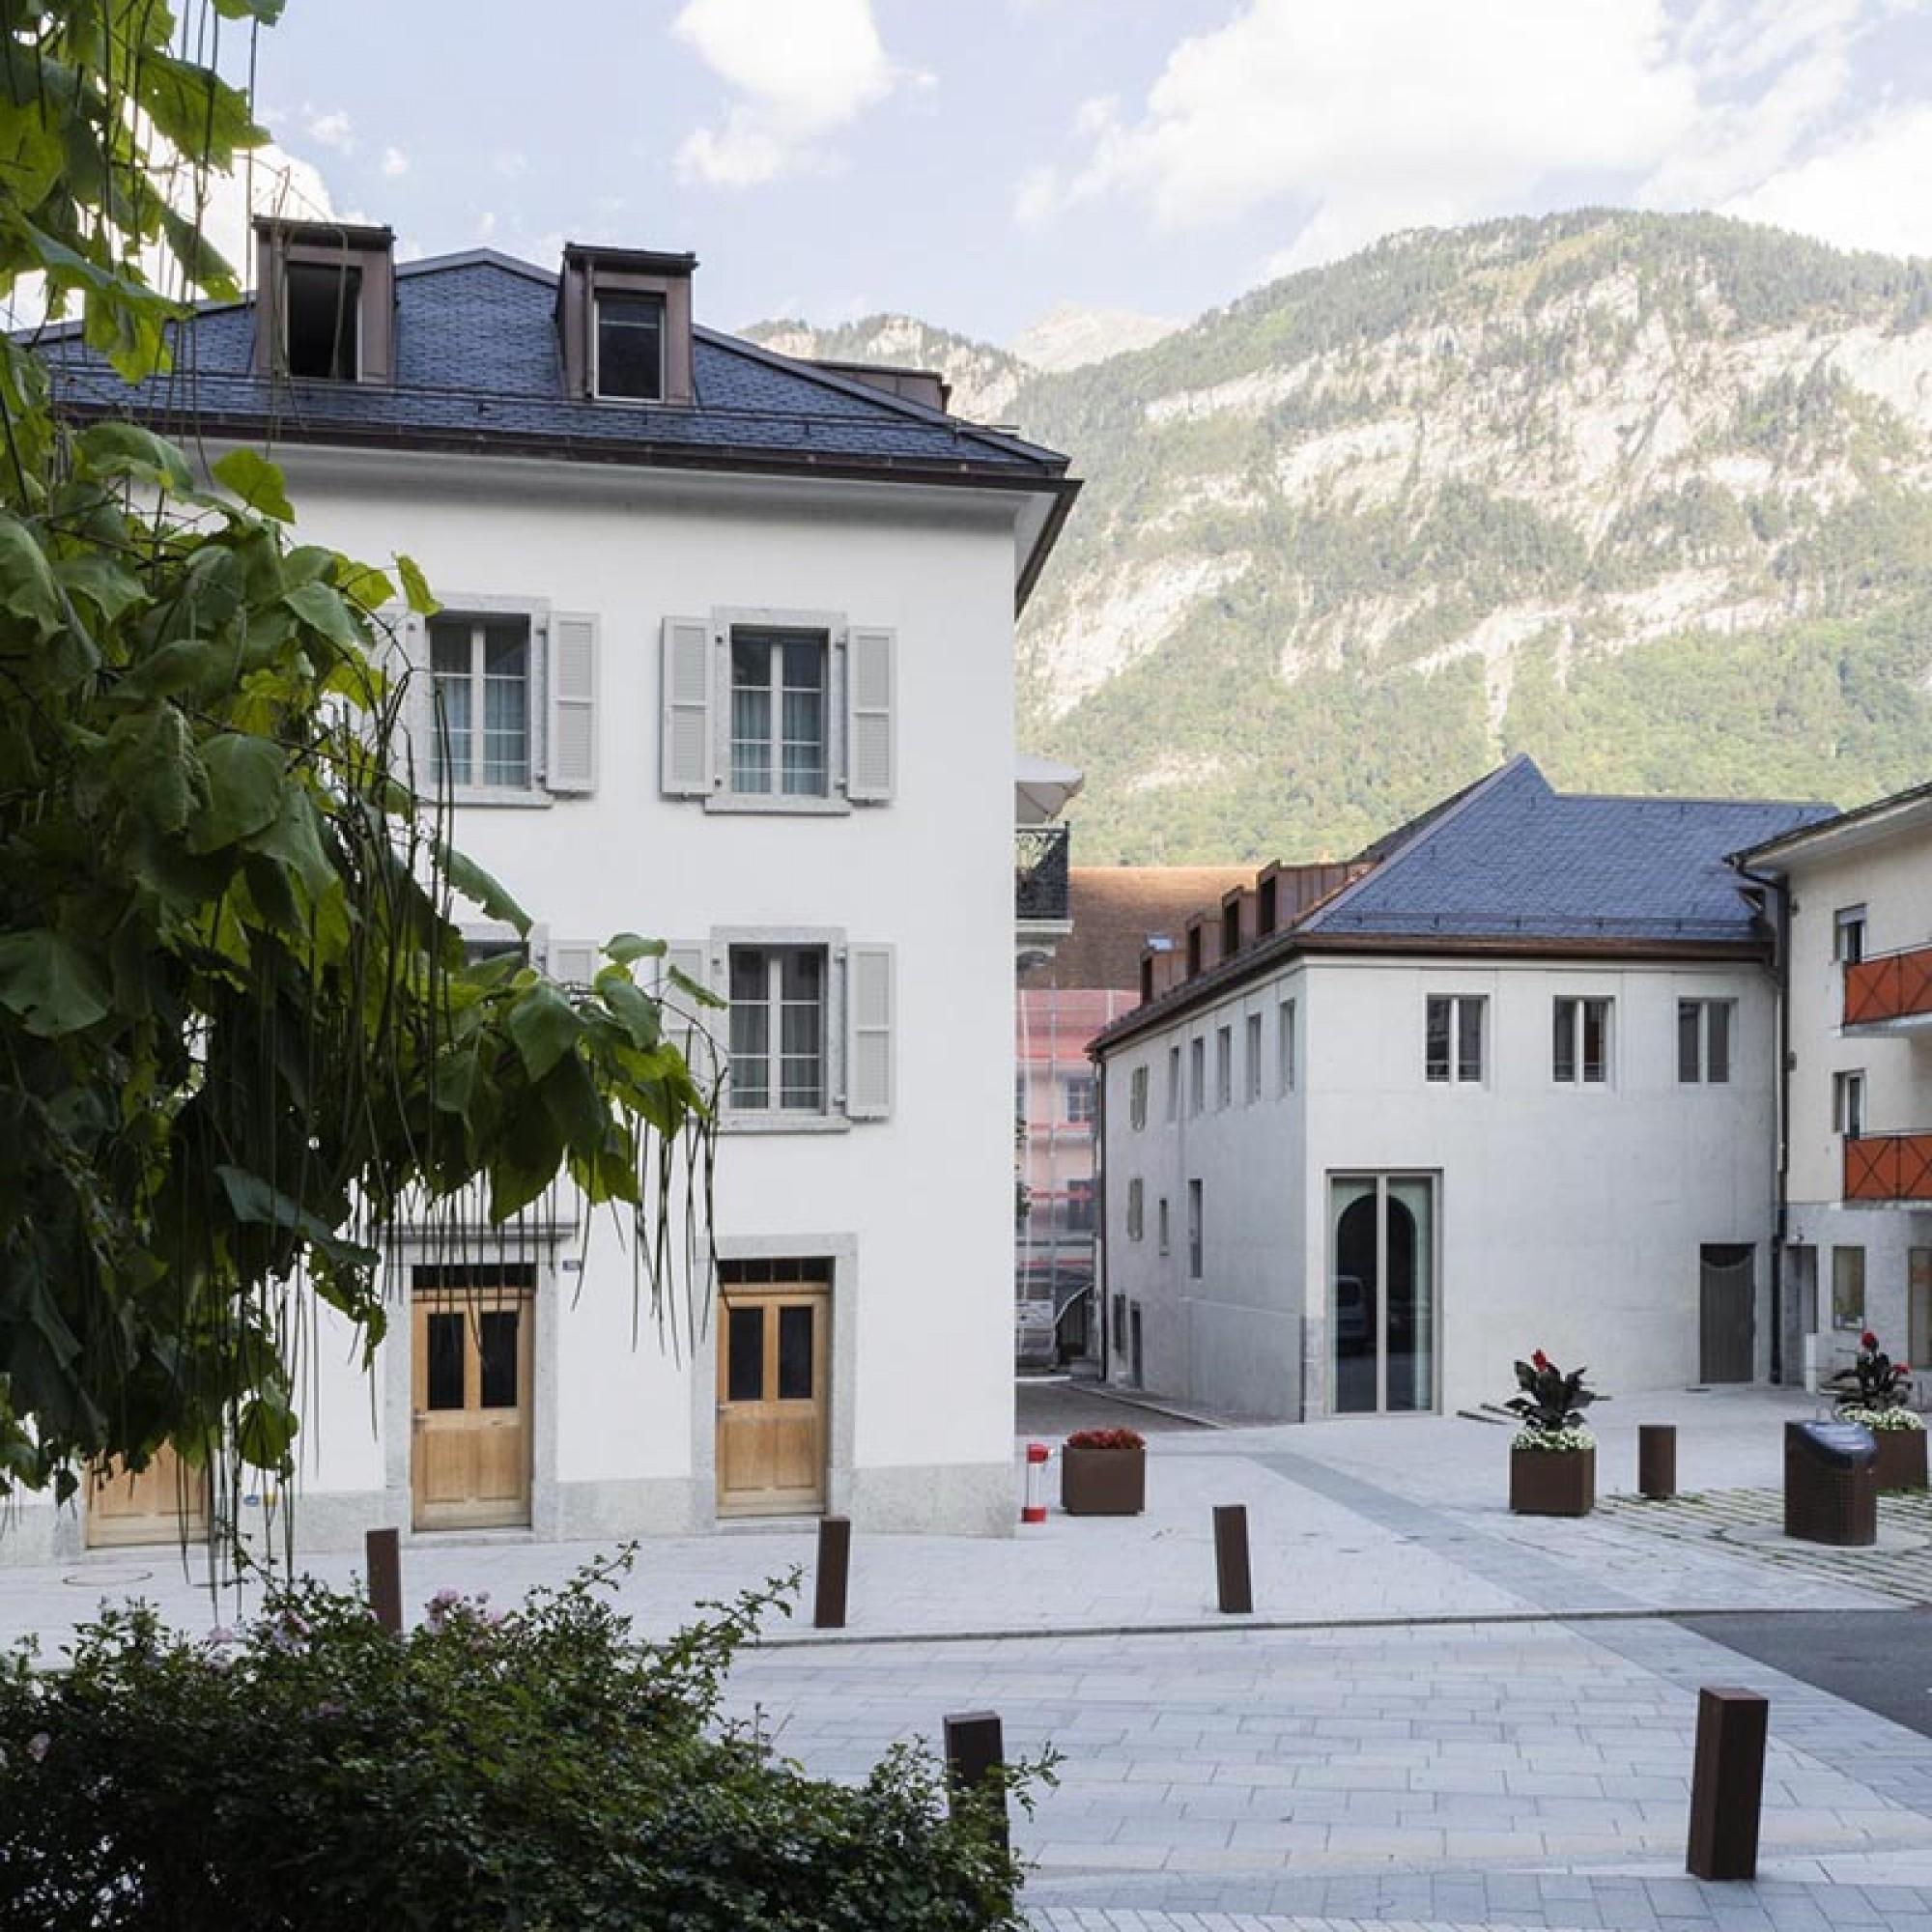 Le prix spécial du jury revient au projet «Maisons Duc» de Gaymenzel sàrl, Monthey. (Image 3 sur 4) Eik Frenzel